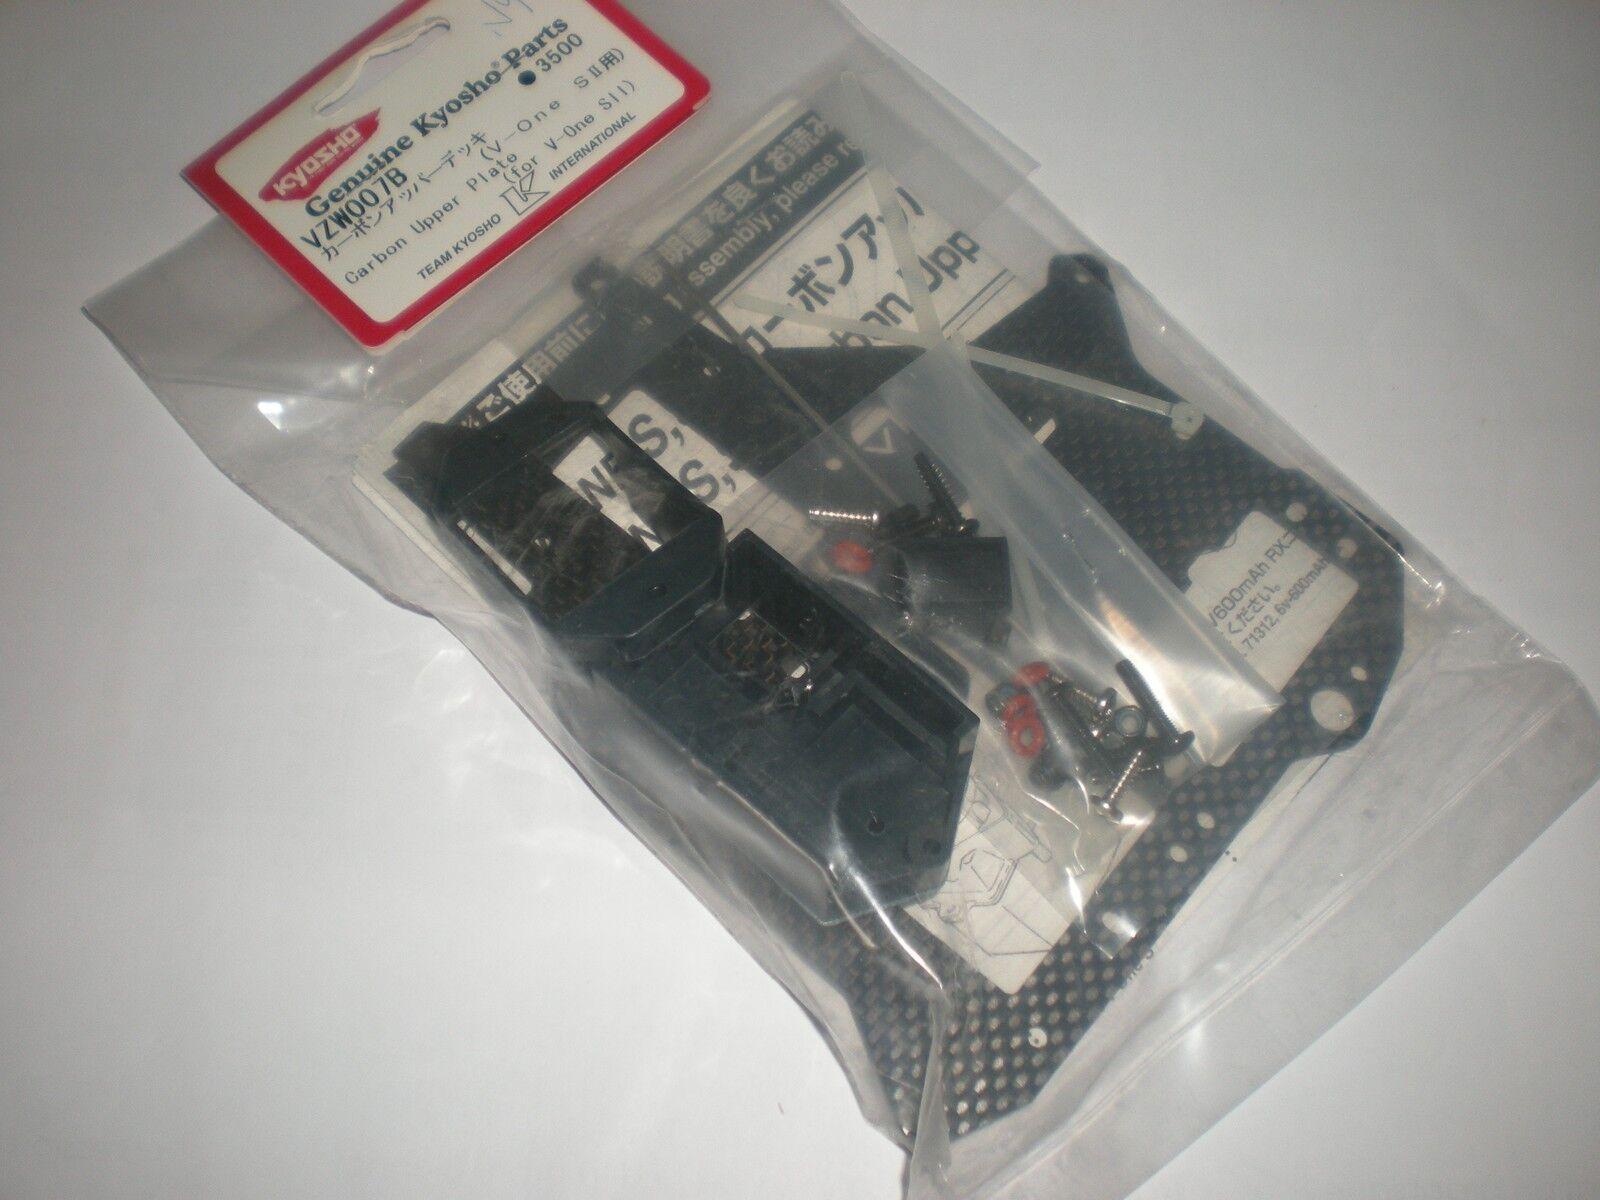 KTYOSHO VZW007B Platine radio carbone V-One SII